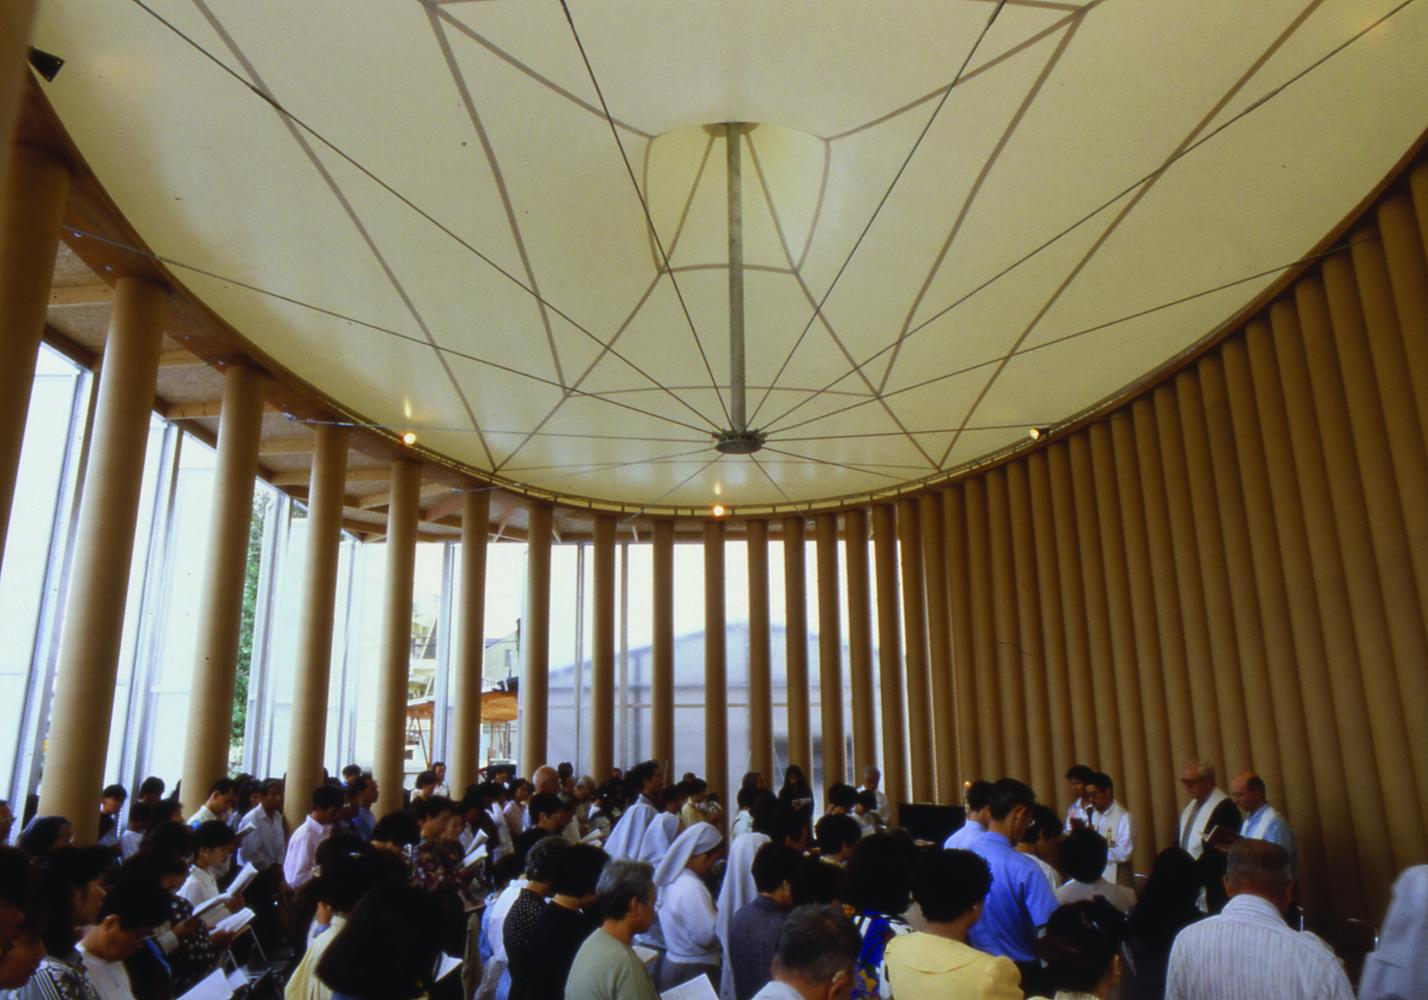 Сигэру Бан решил пойти дальше простого жилья в своей помощи пострадавшим от катастроф. В 1995 году, после землетрясения в Кобе, по его проекту была построена церковь из картона. Там она простояла десять лет, после чего была привезена в Тайвань, где стала местом молитвы за жертв землетрясений. В 2011 году по темже технологиям японец построил собор в Новой Зеландии